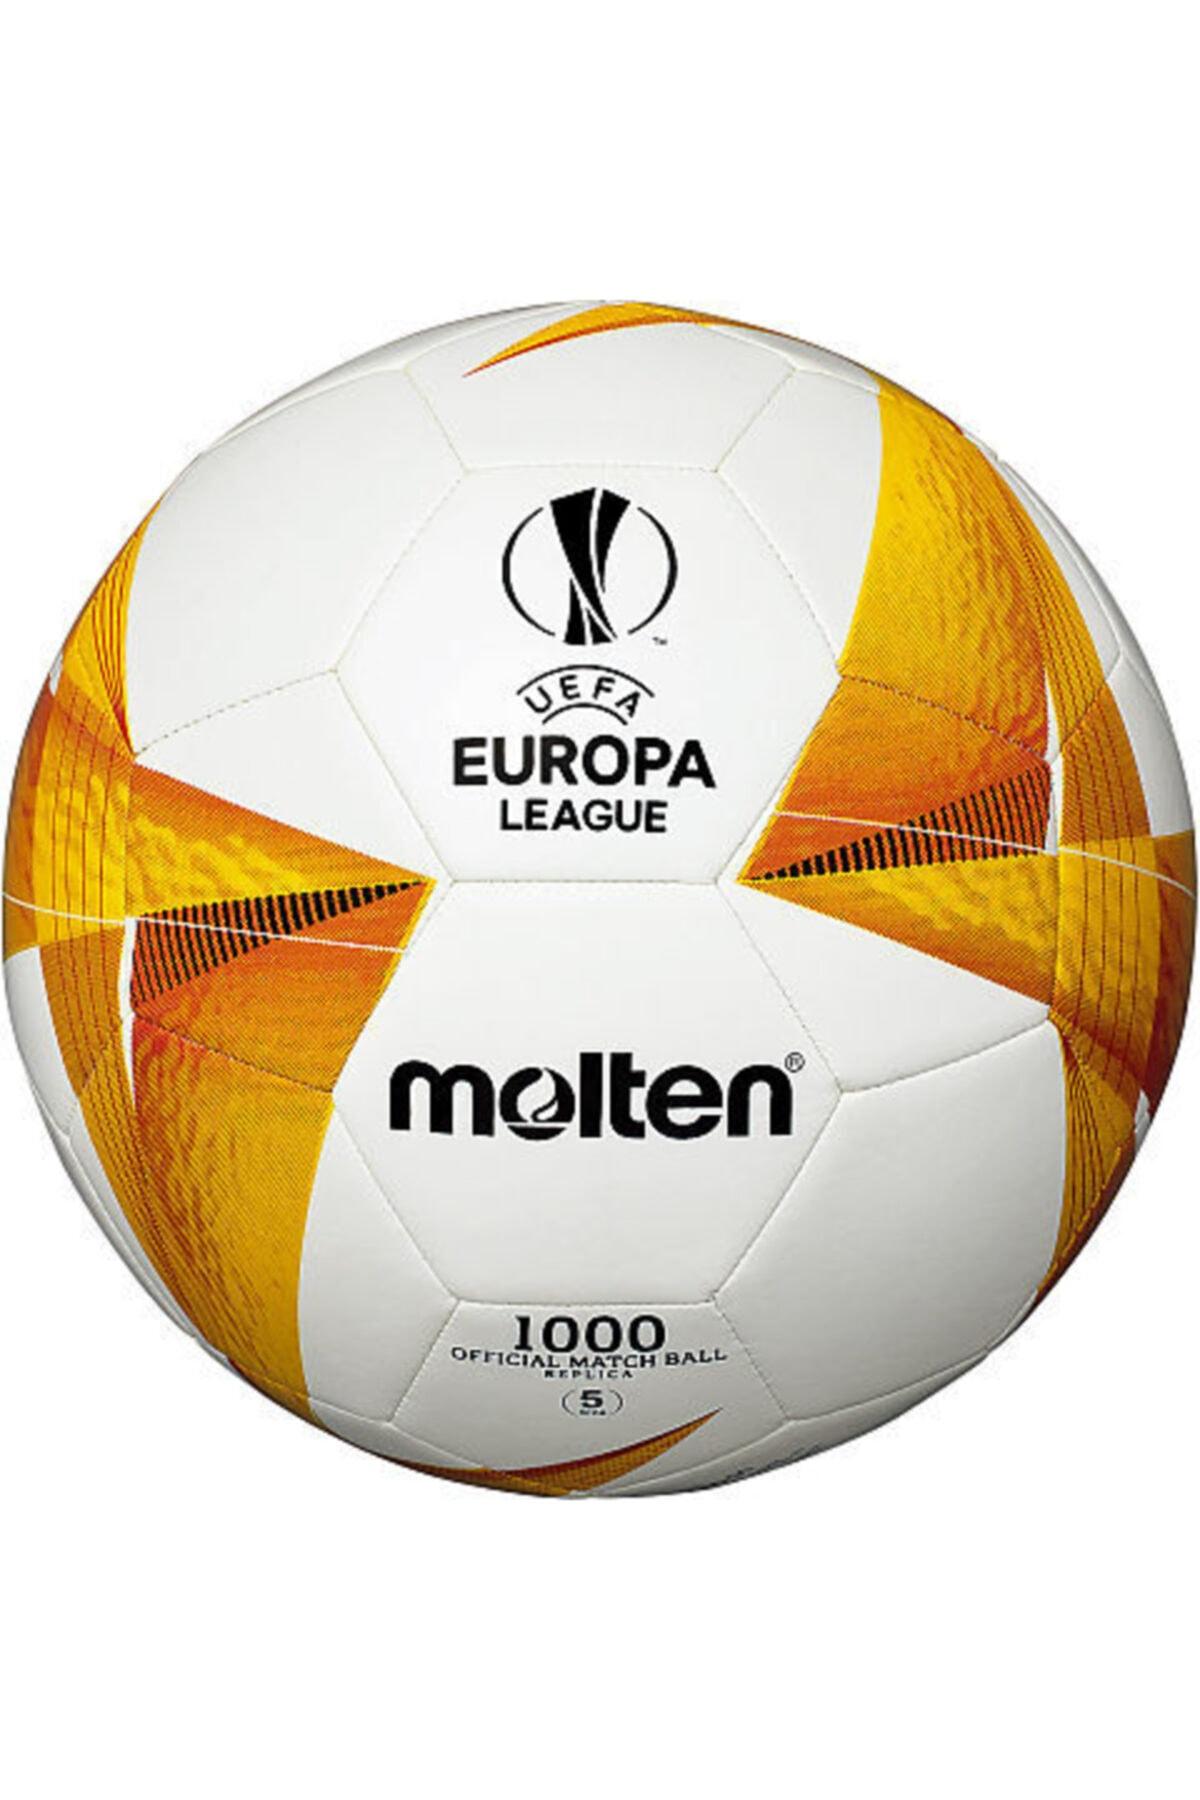 MOLTEN Futbol Topu F5u1000-g0 No:5 1